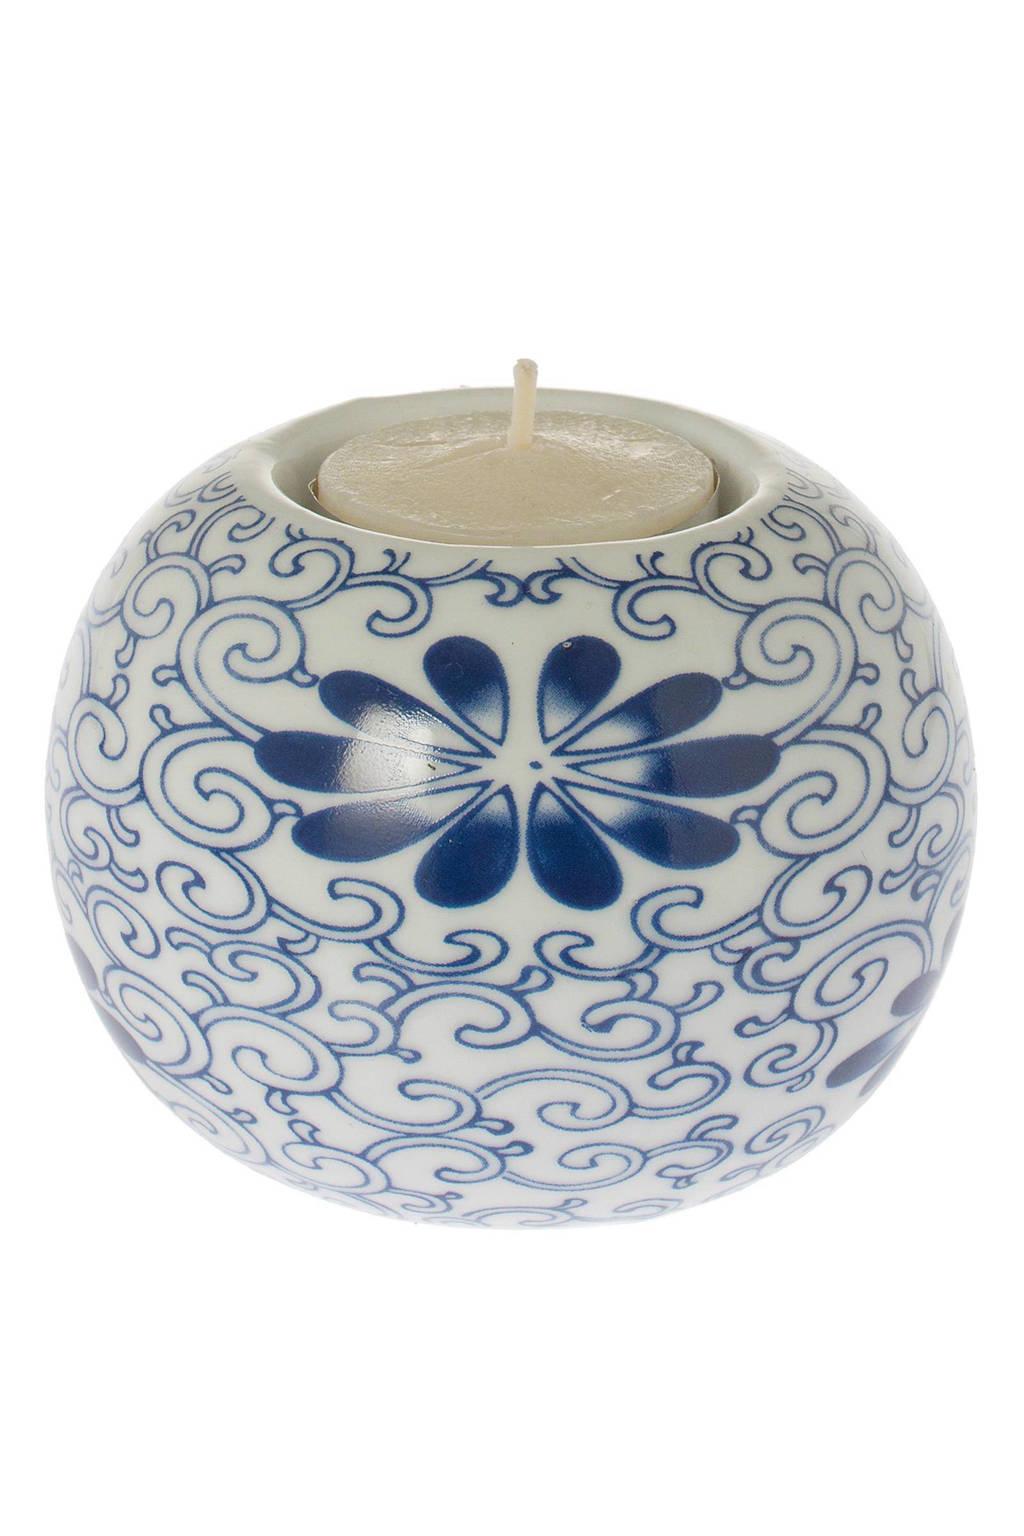 Riverdale waxinelichthouder Flower, wit, blauw